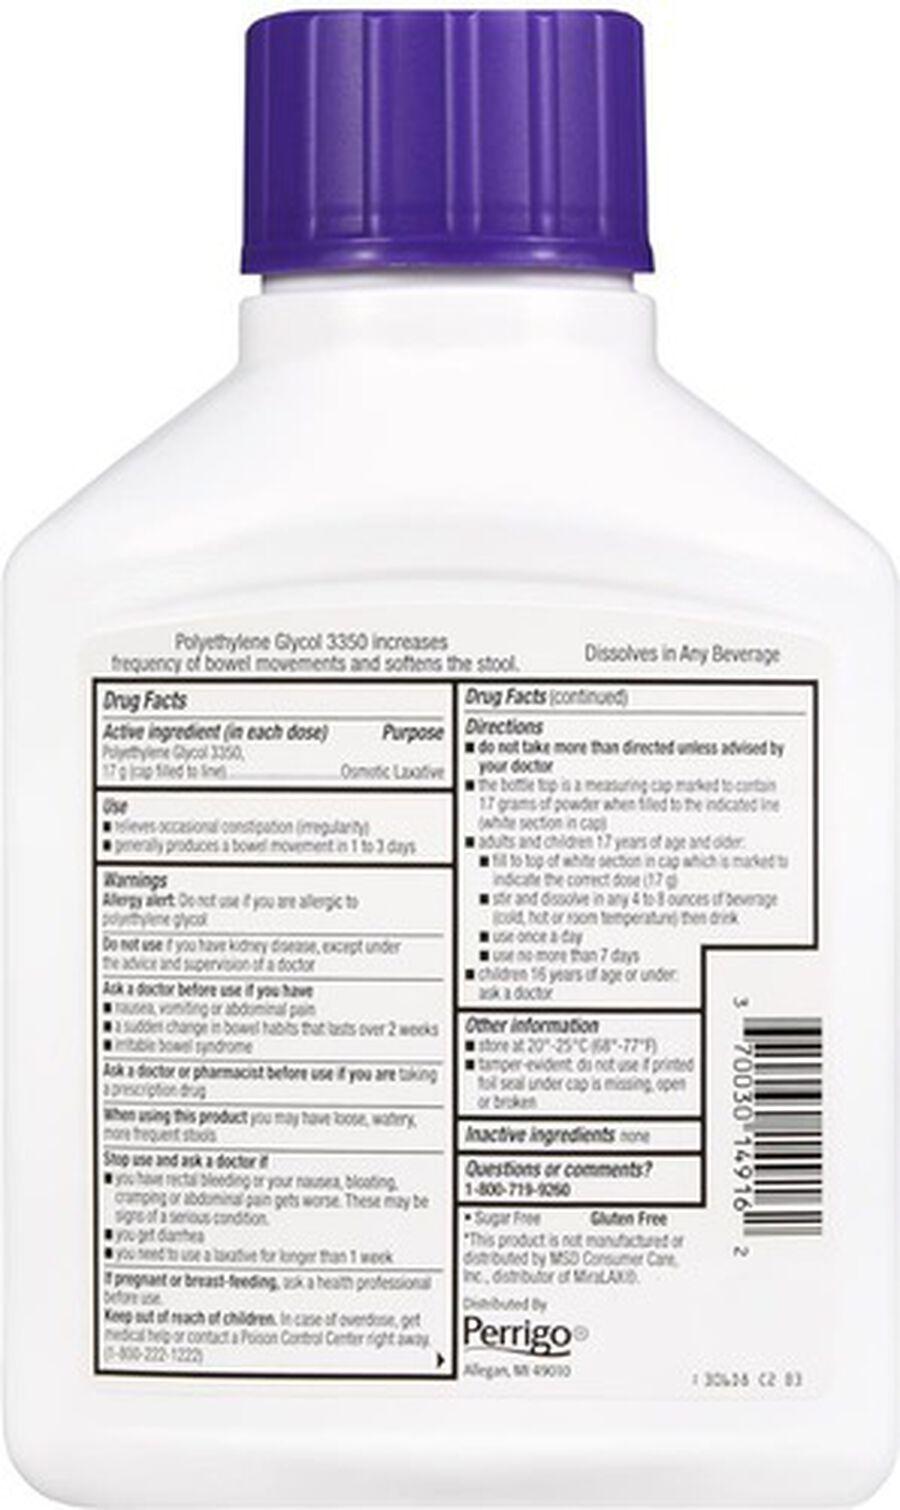 GoodSense® Clear Lax Polyethlene Glycol 3350 17g, 17.9 oz, , large image number 1